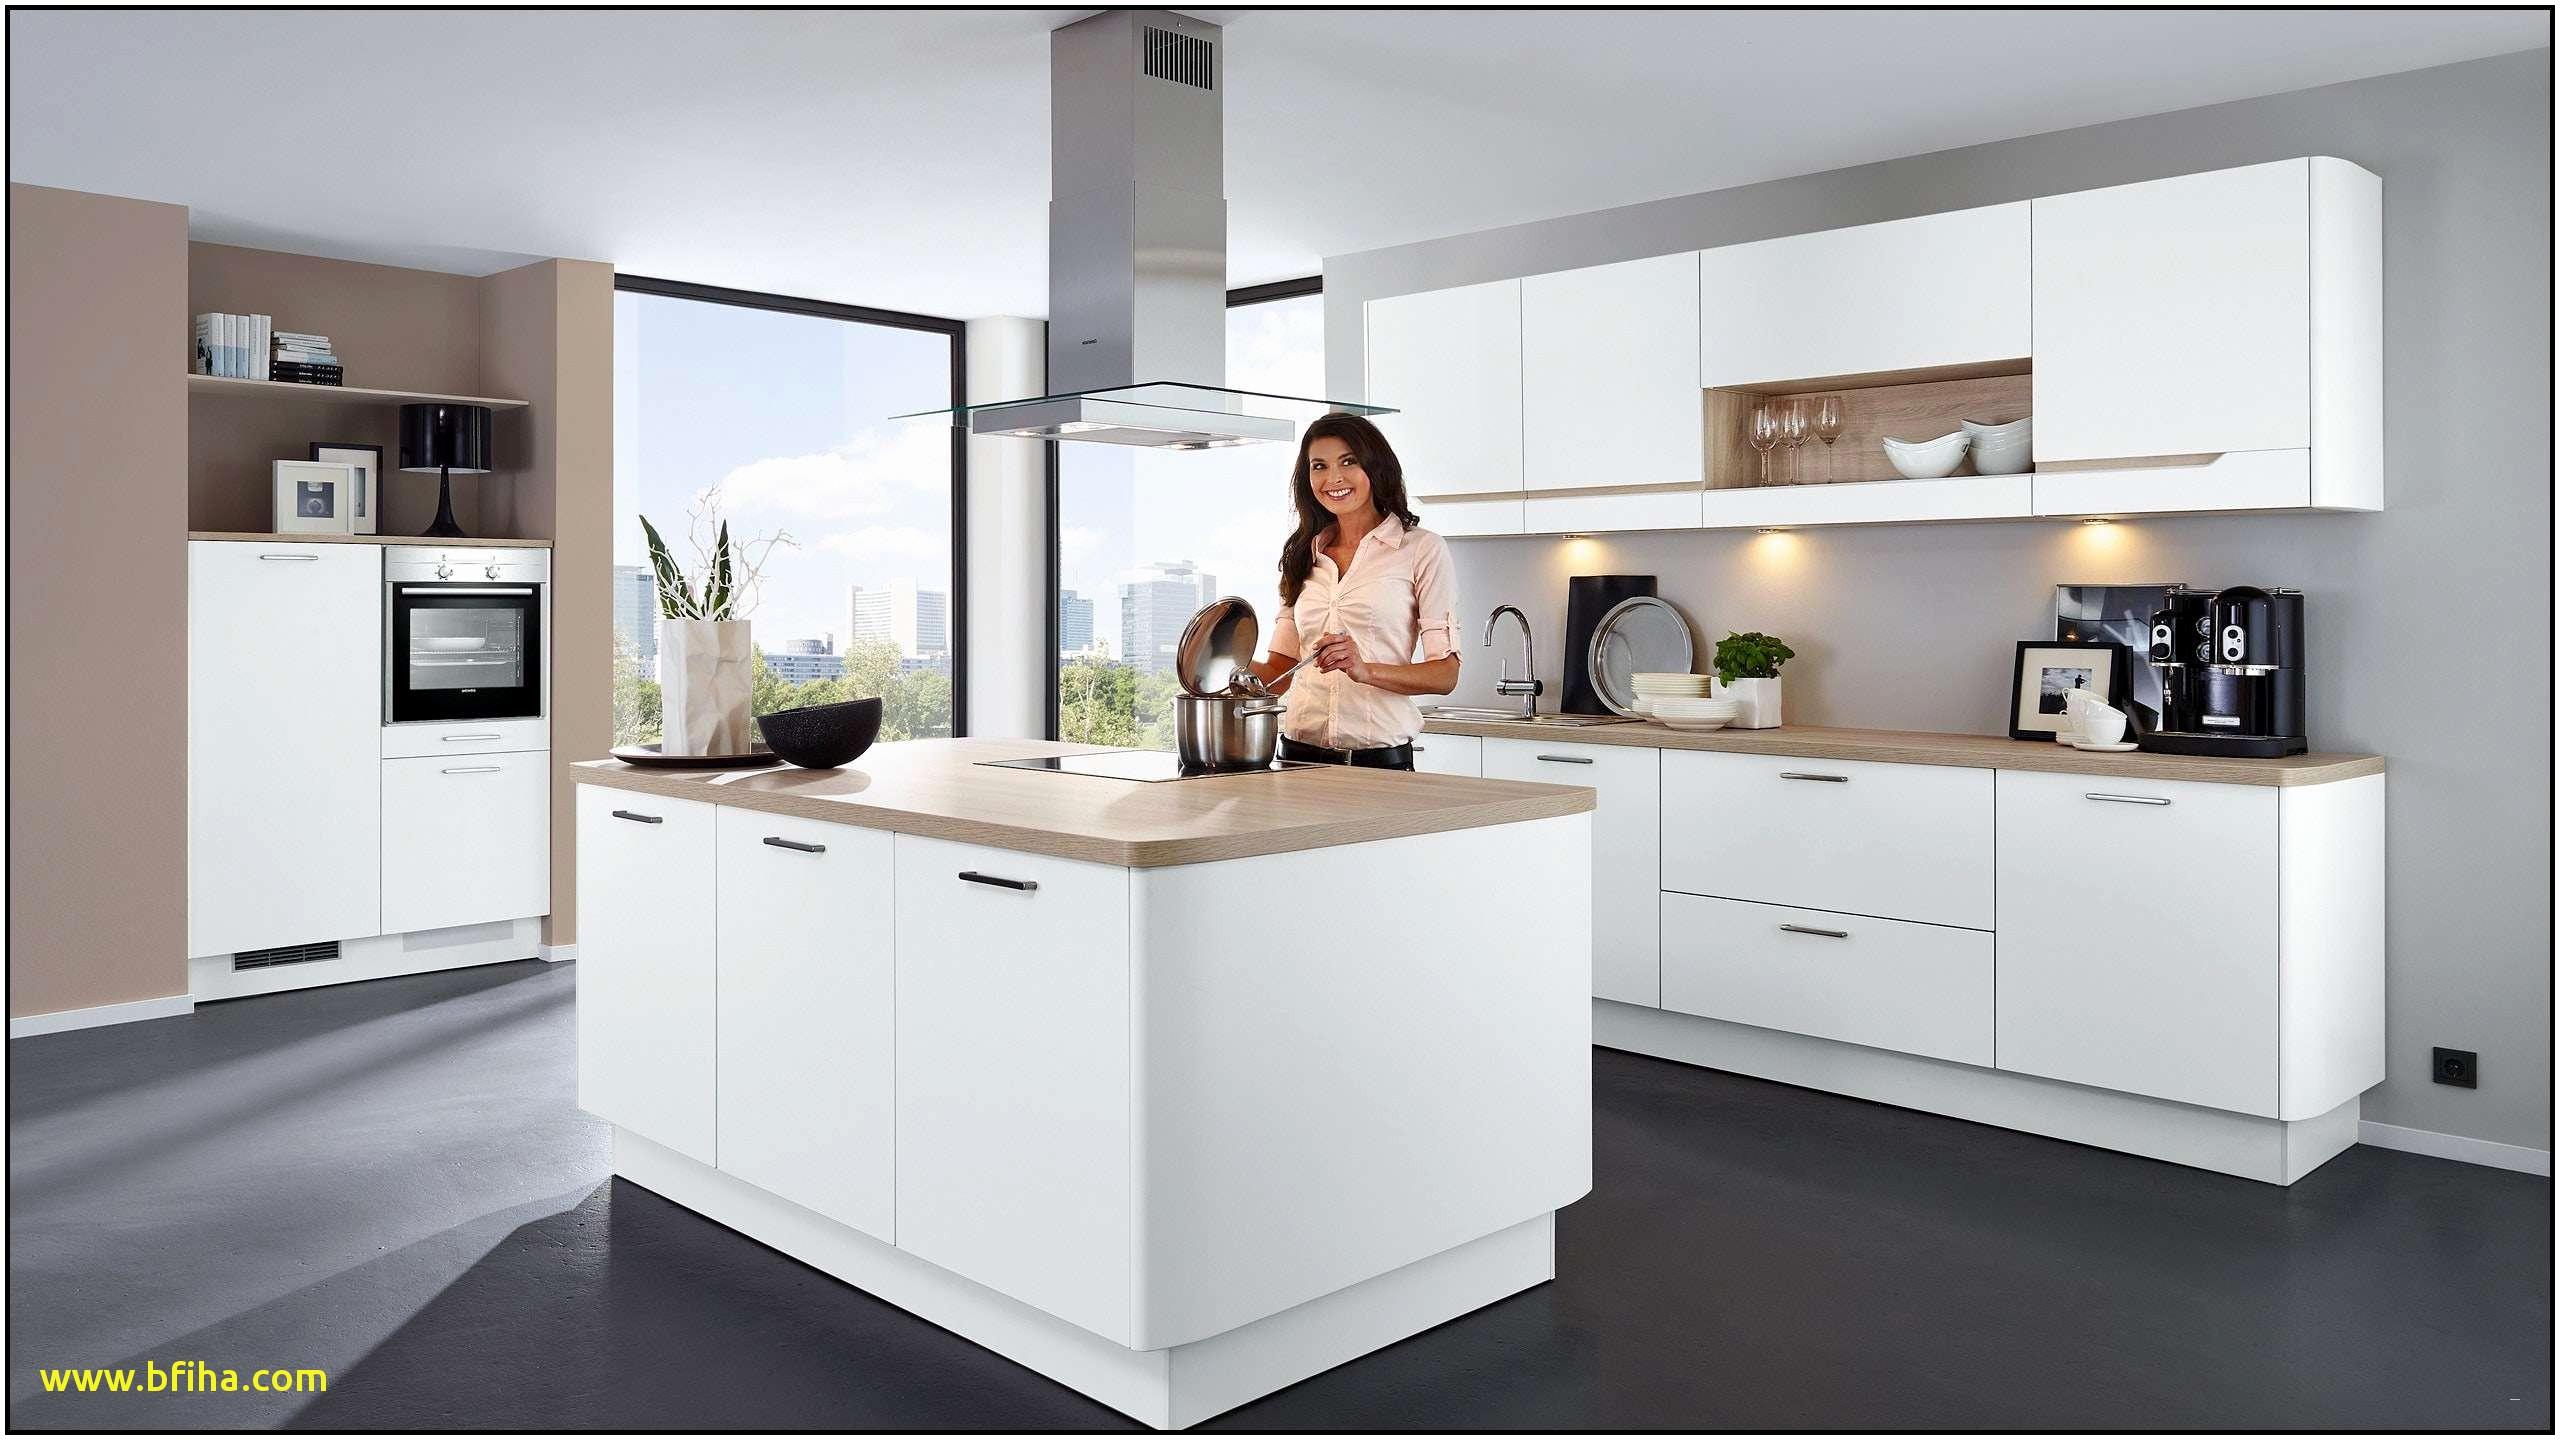 Full Size of Kleine Küche Planen Luxus Höffner Küchen Küche Kleine Einbauküche